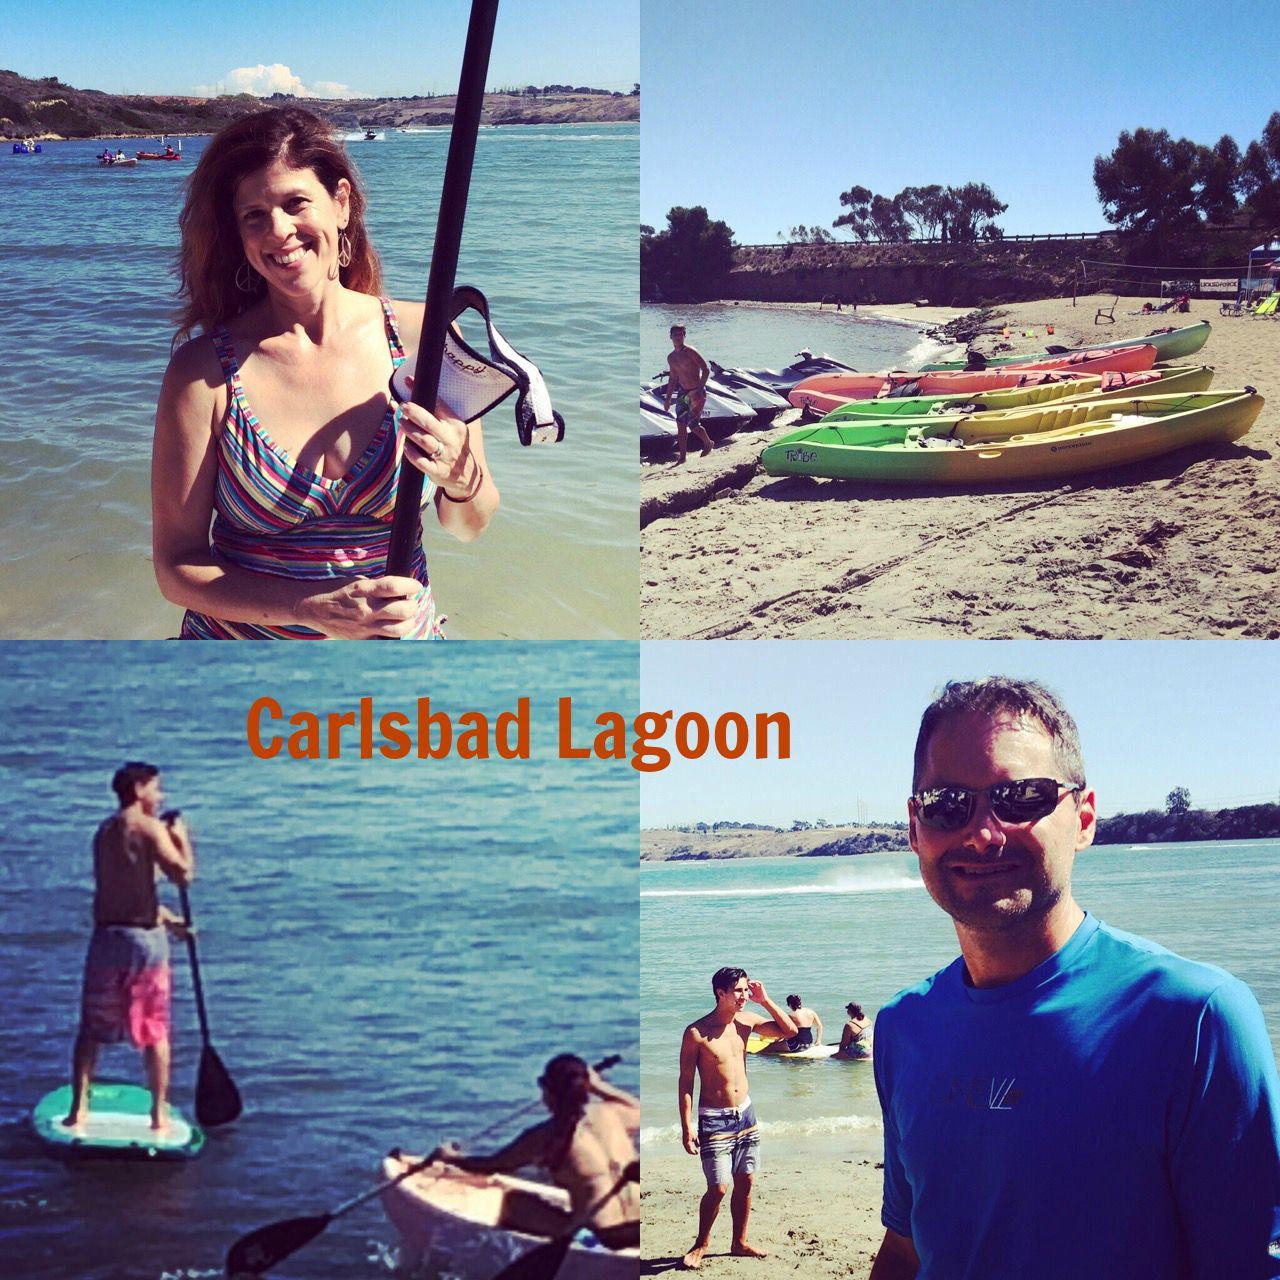 Carlsbad-lagoon-paddle